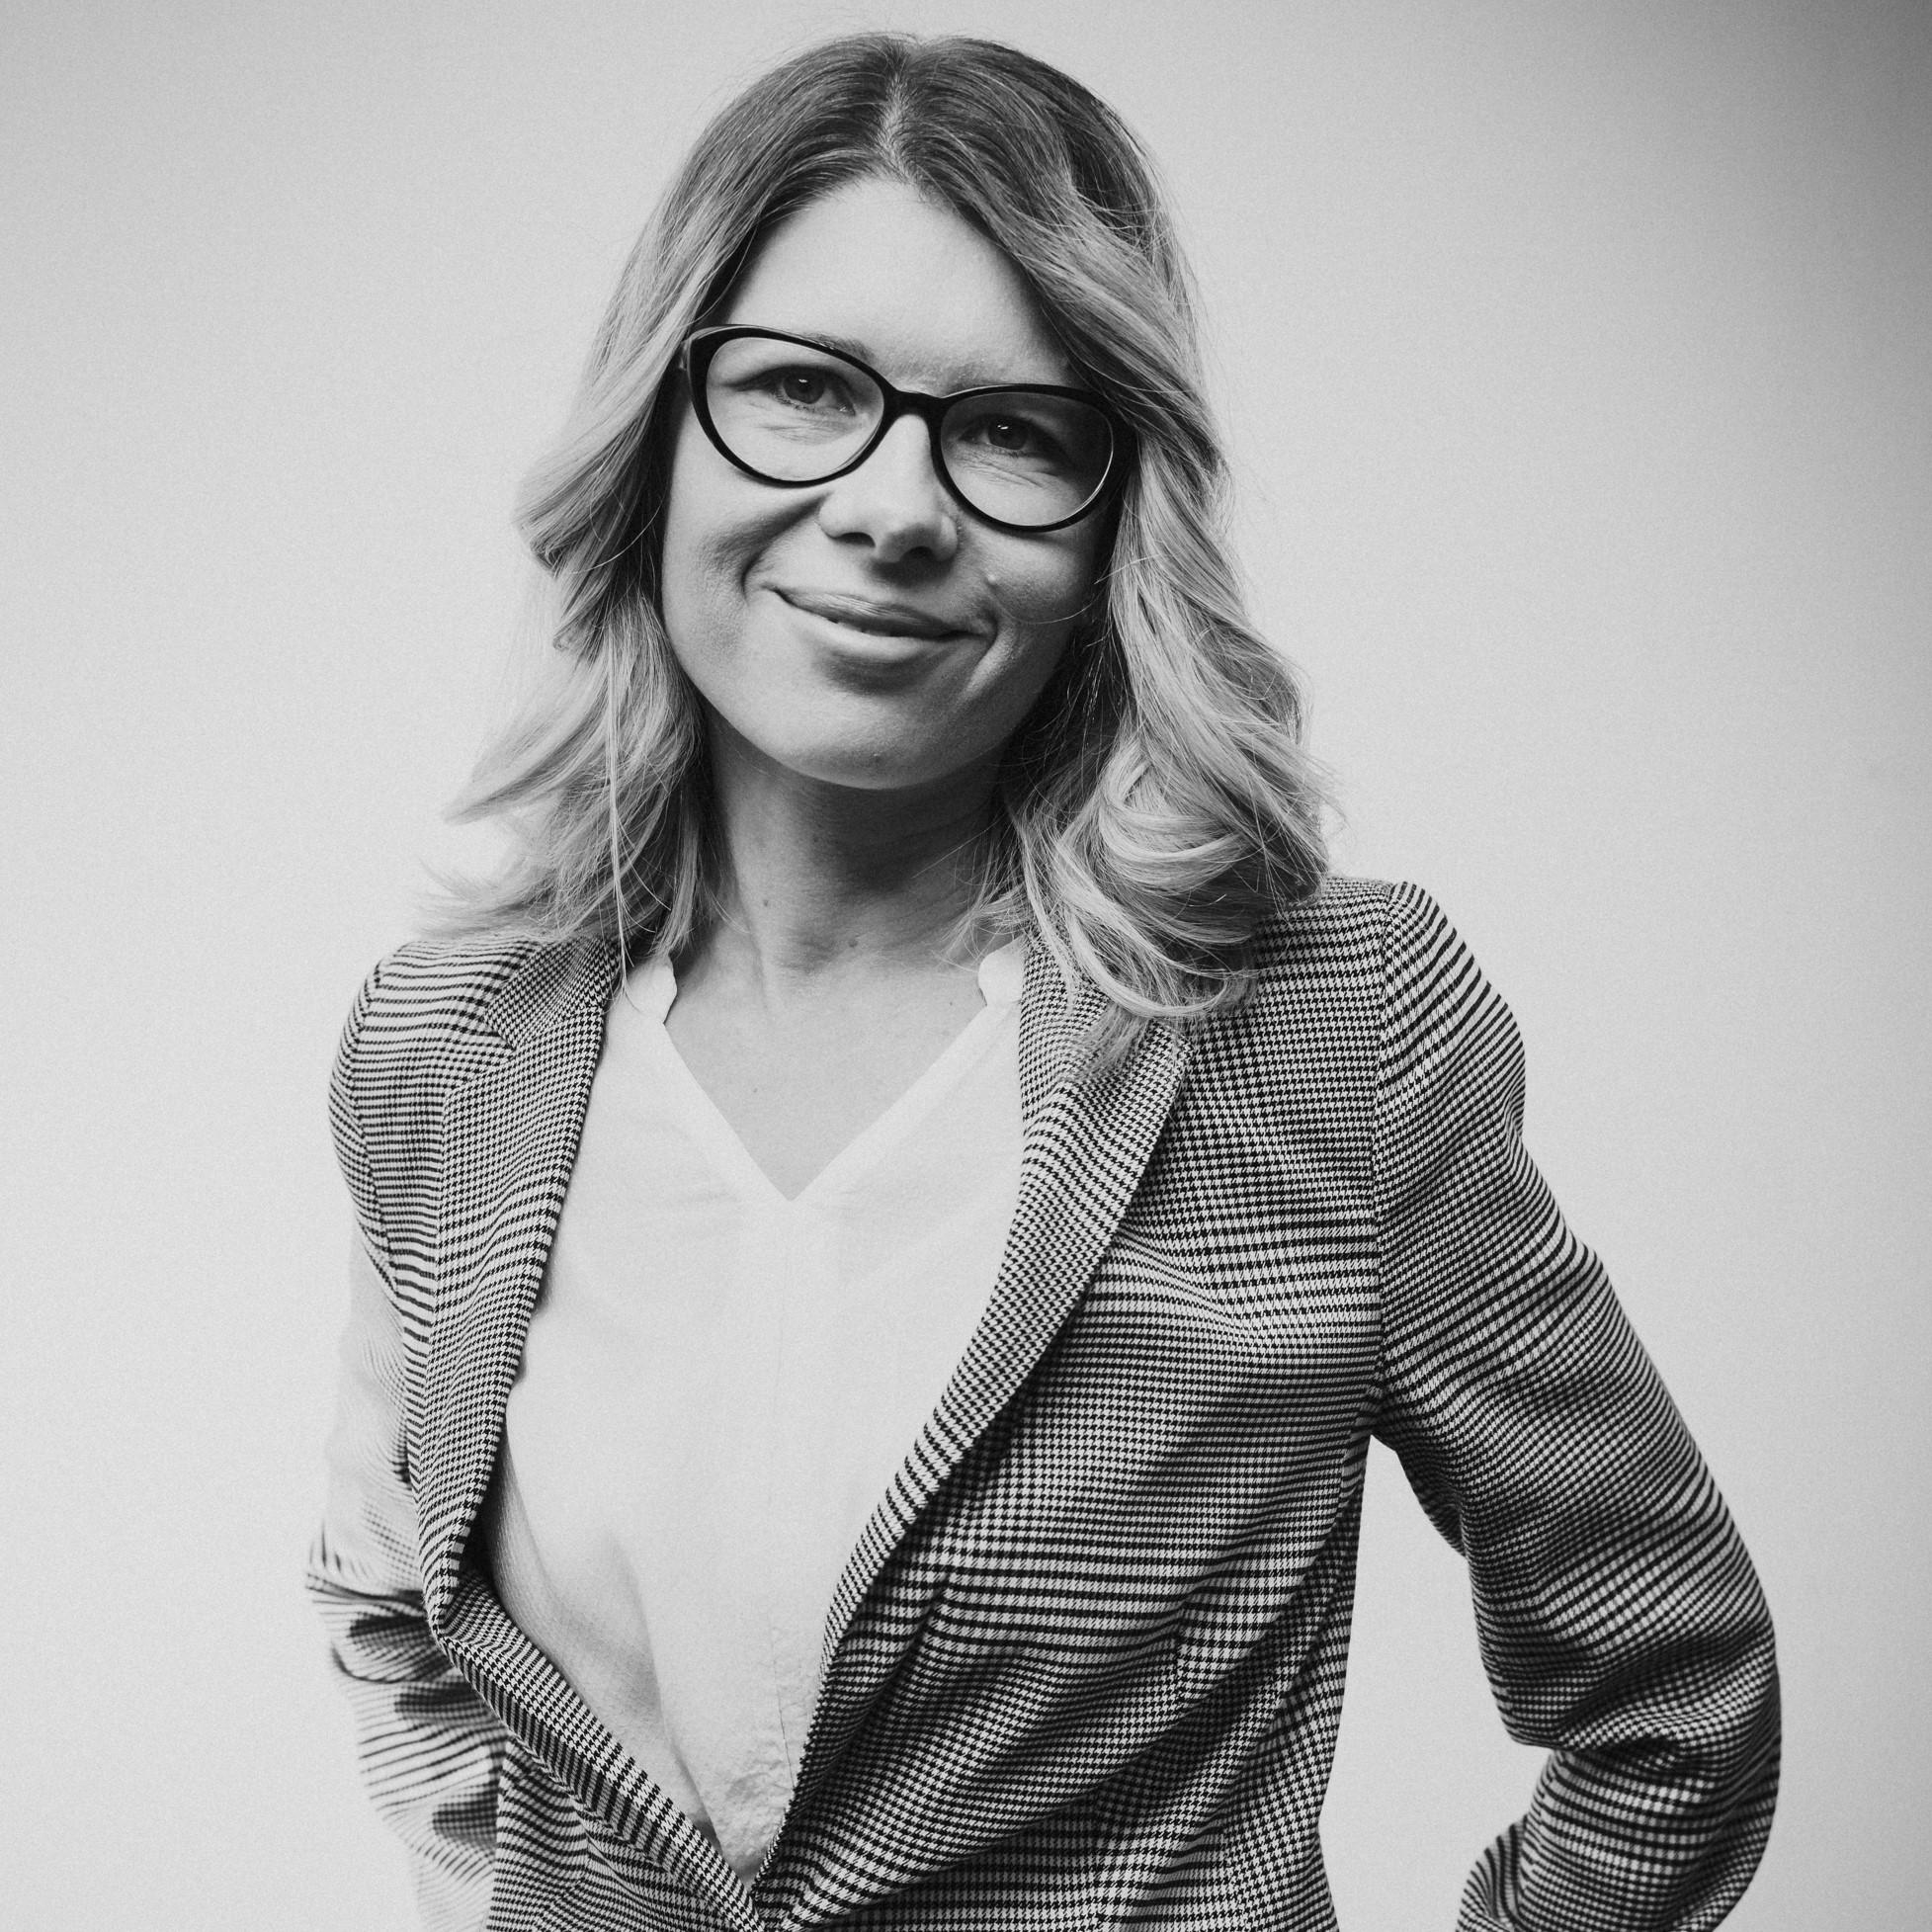 Jelena Kučan